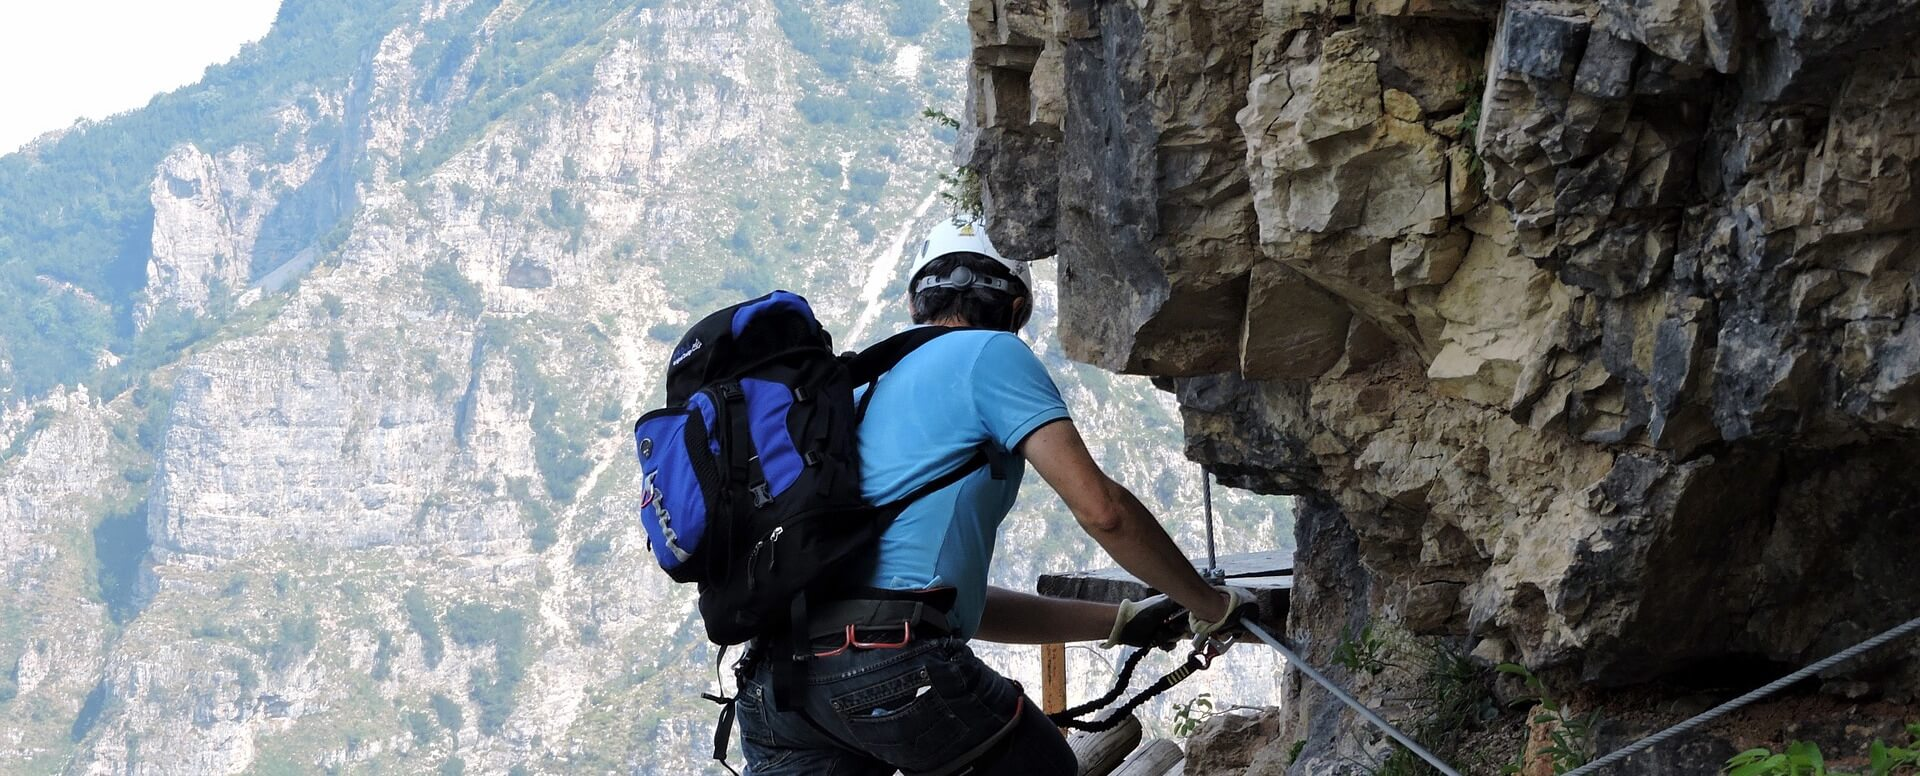 L'escalade - Sardaigne